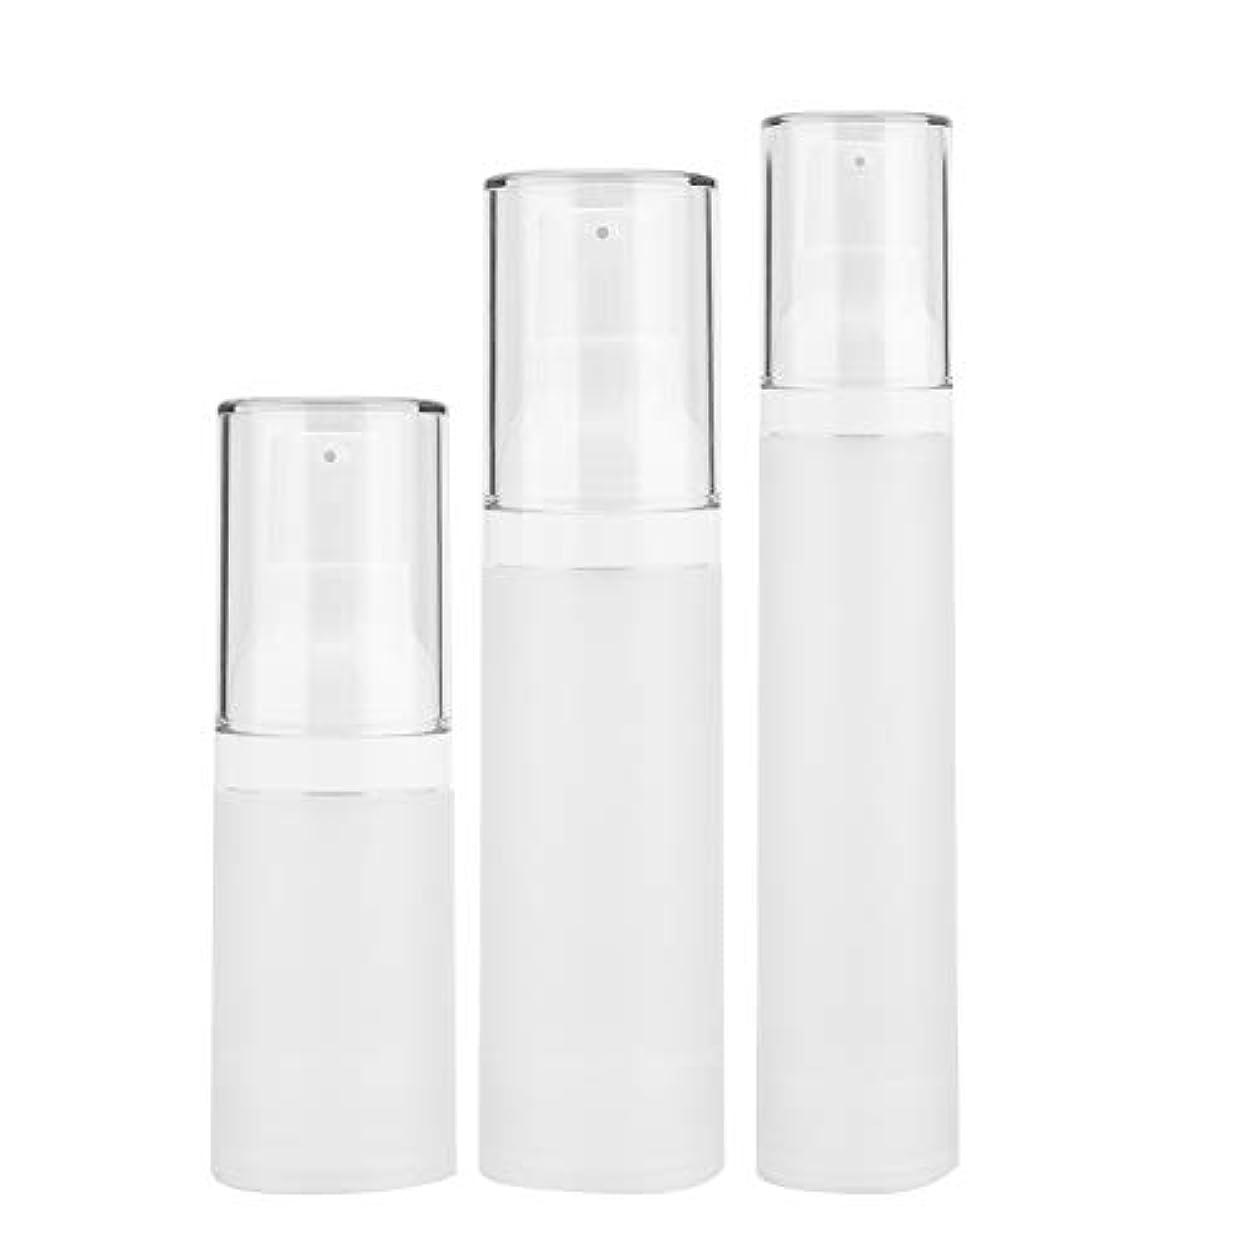 3本入りトラベルボトルセット - 化粧品旅行用容器、化粧品容器が空の化粧品容器付きペットボトル - シャンプーとスプレー用(3 pcs)